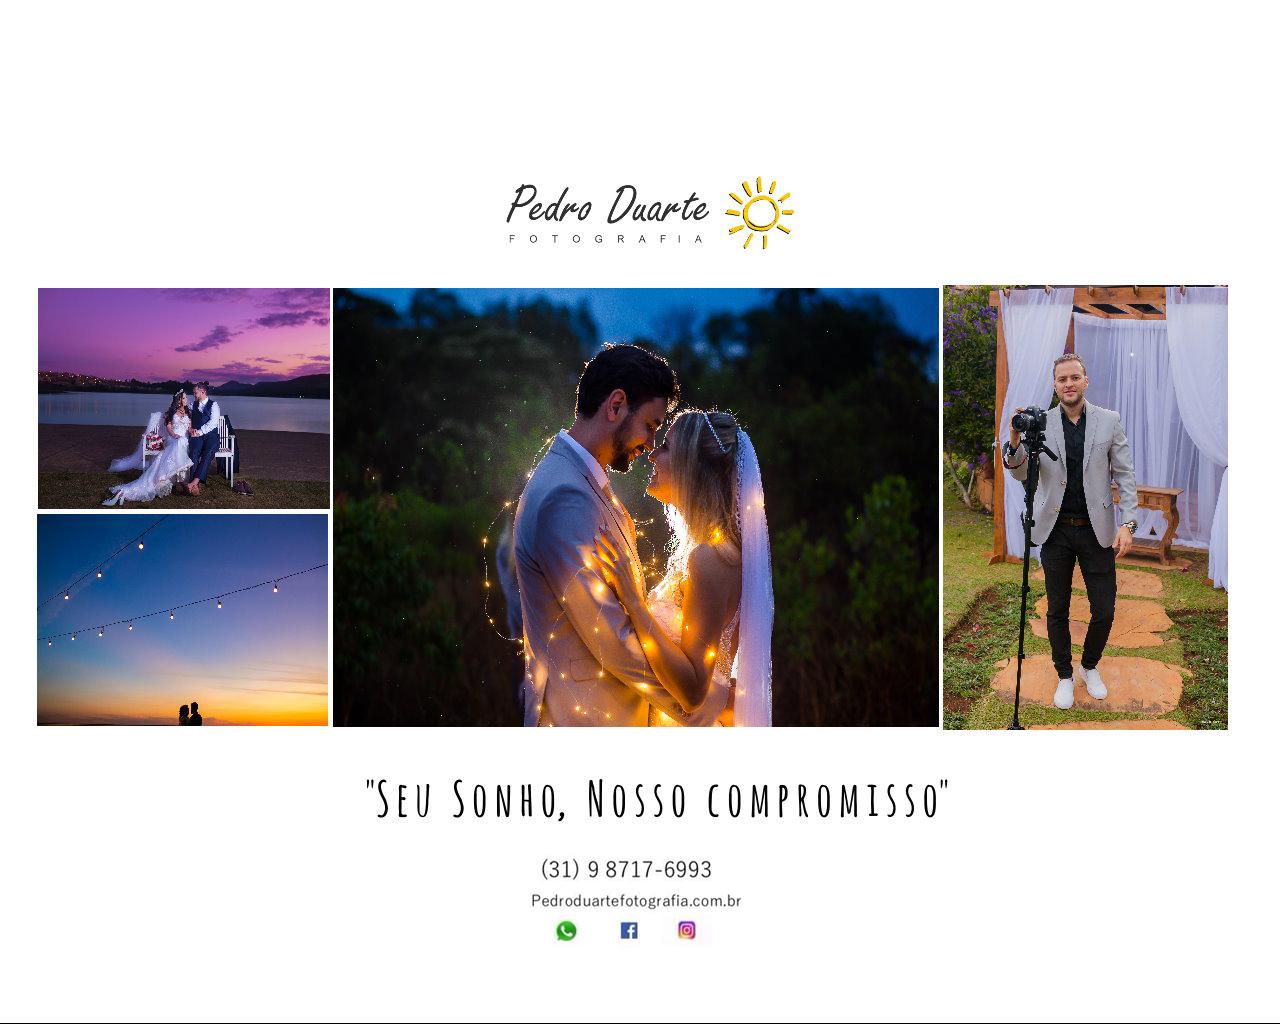 Contate Pedro Duarte Fotografia